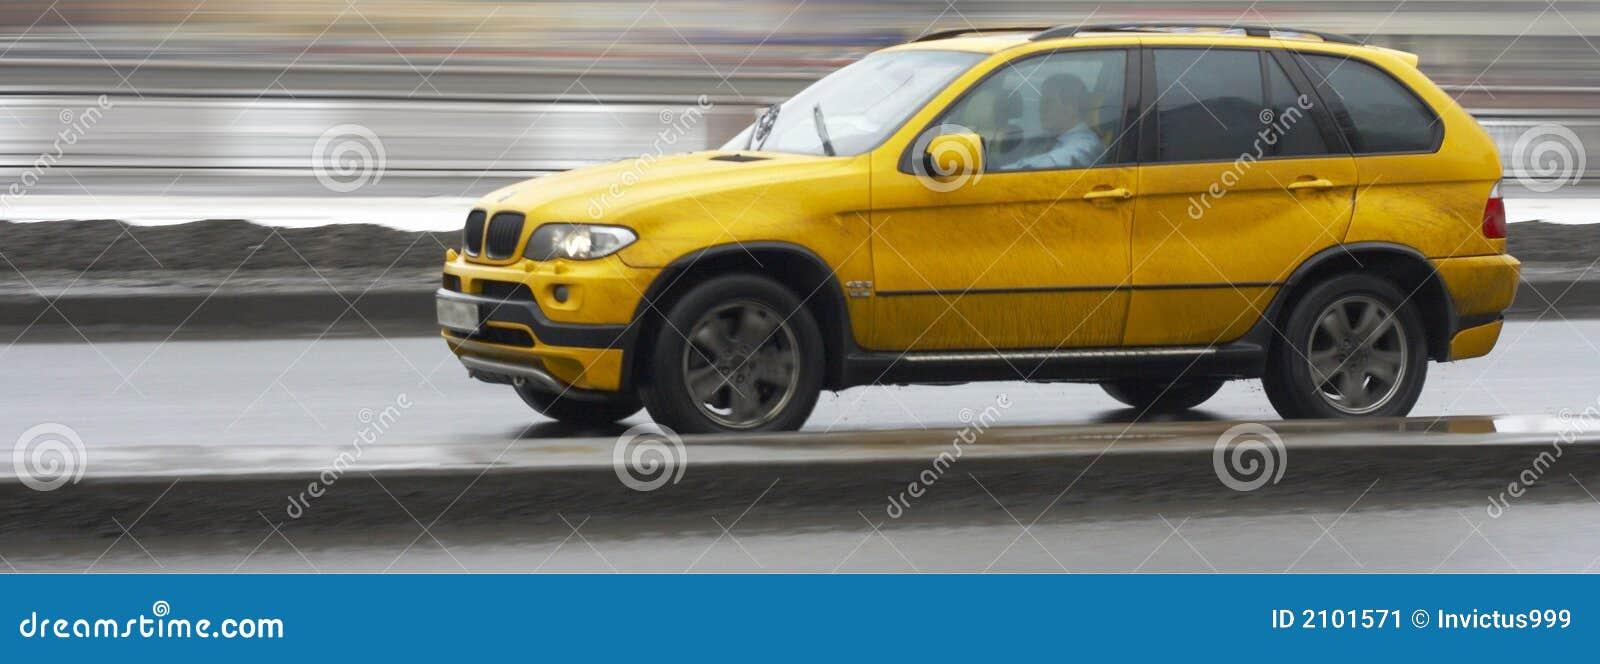 Prowadzenia samochodu suv postu x 5 niemiecki luksusowy żółty